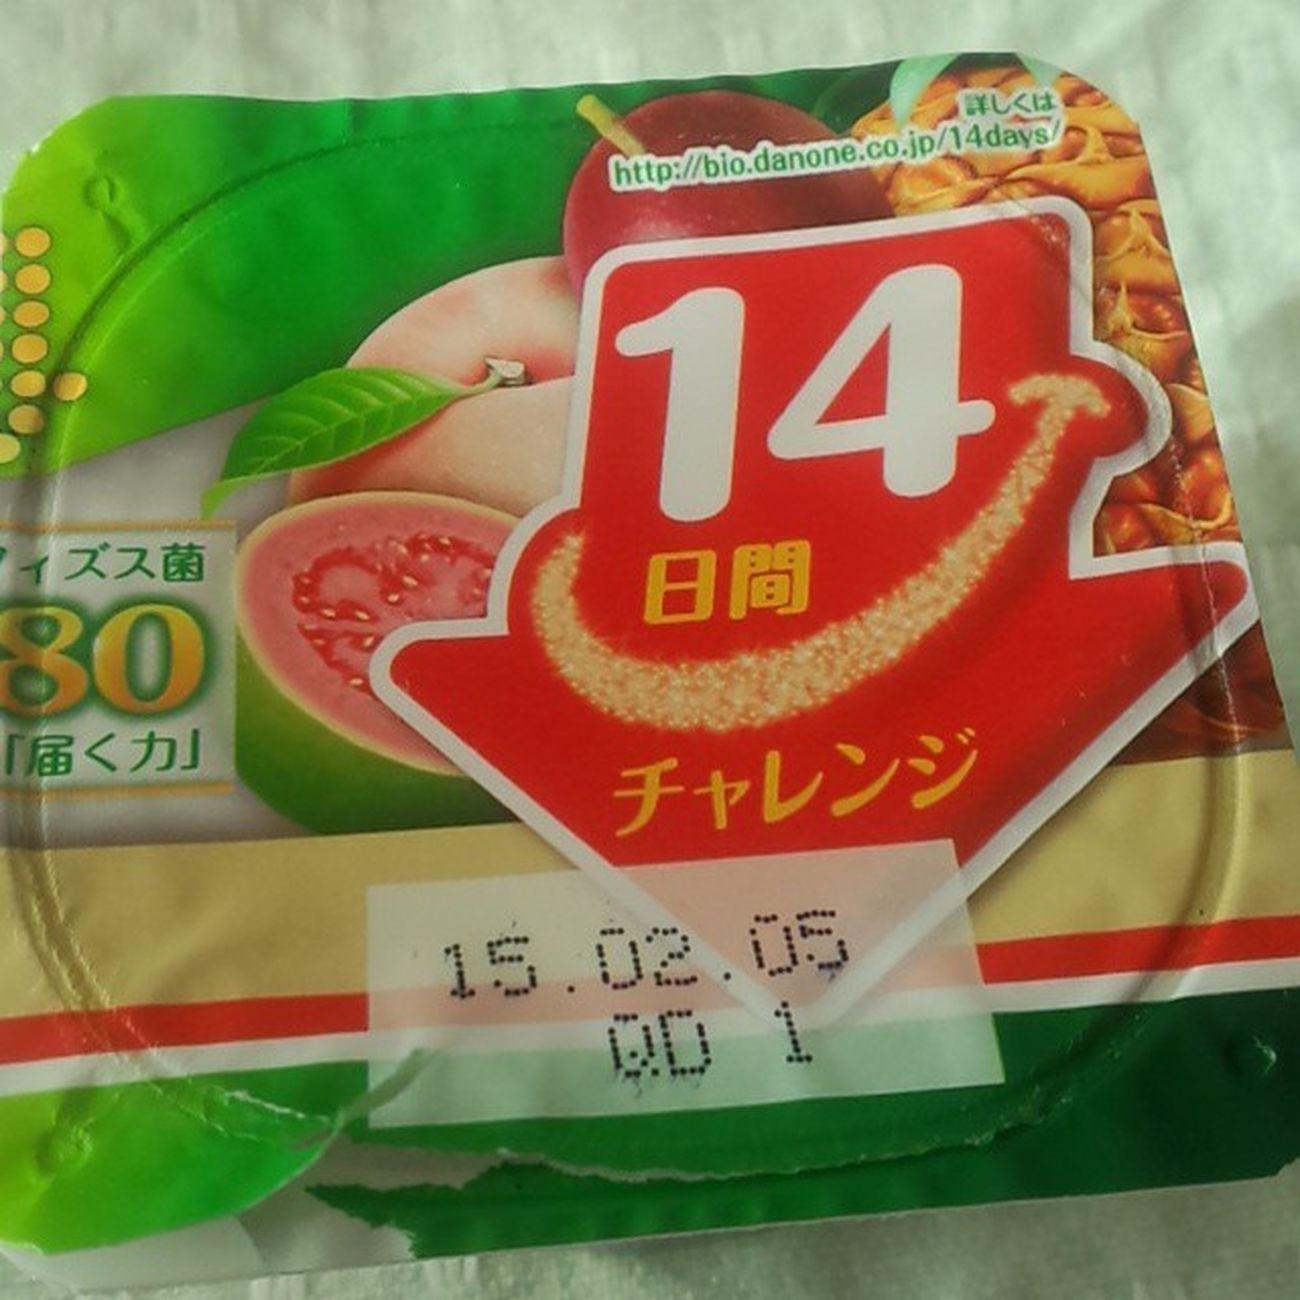 14日間チャレンジ中 ビフィズス菌 脂肪ゼロ チャレンジ 14日間